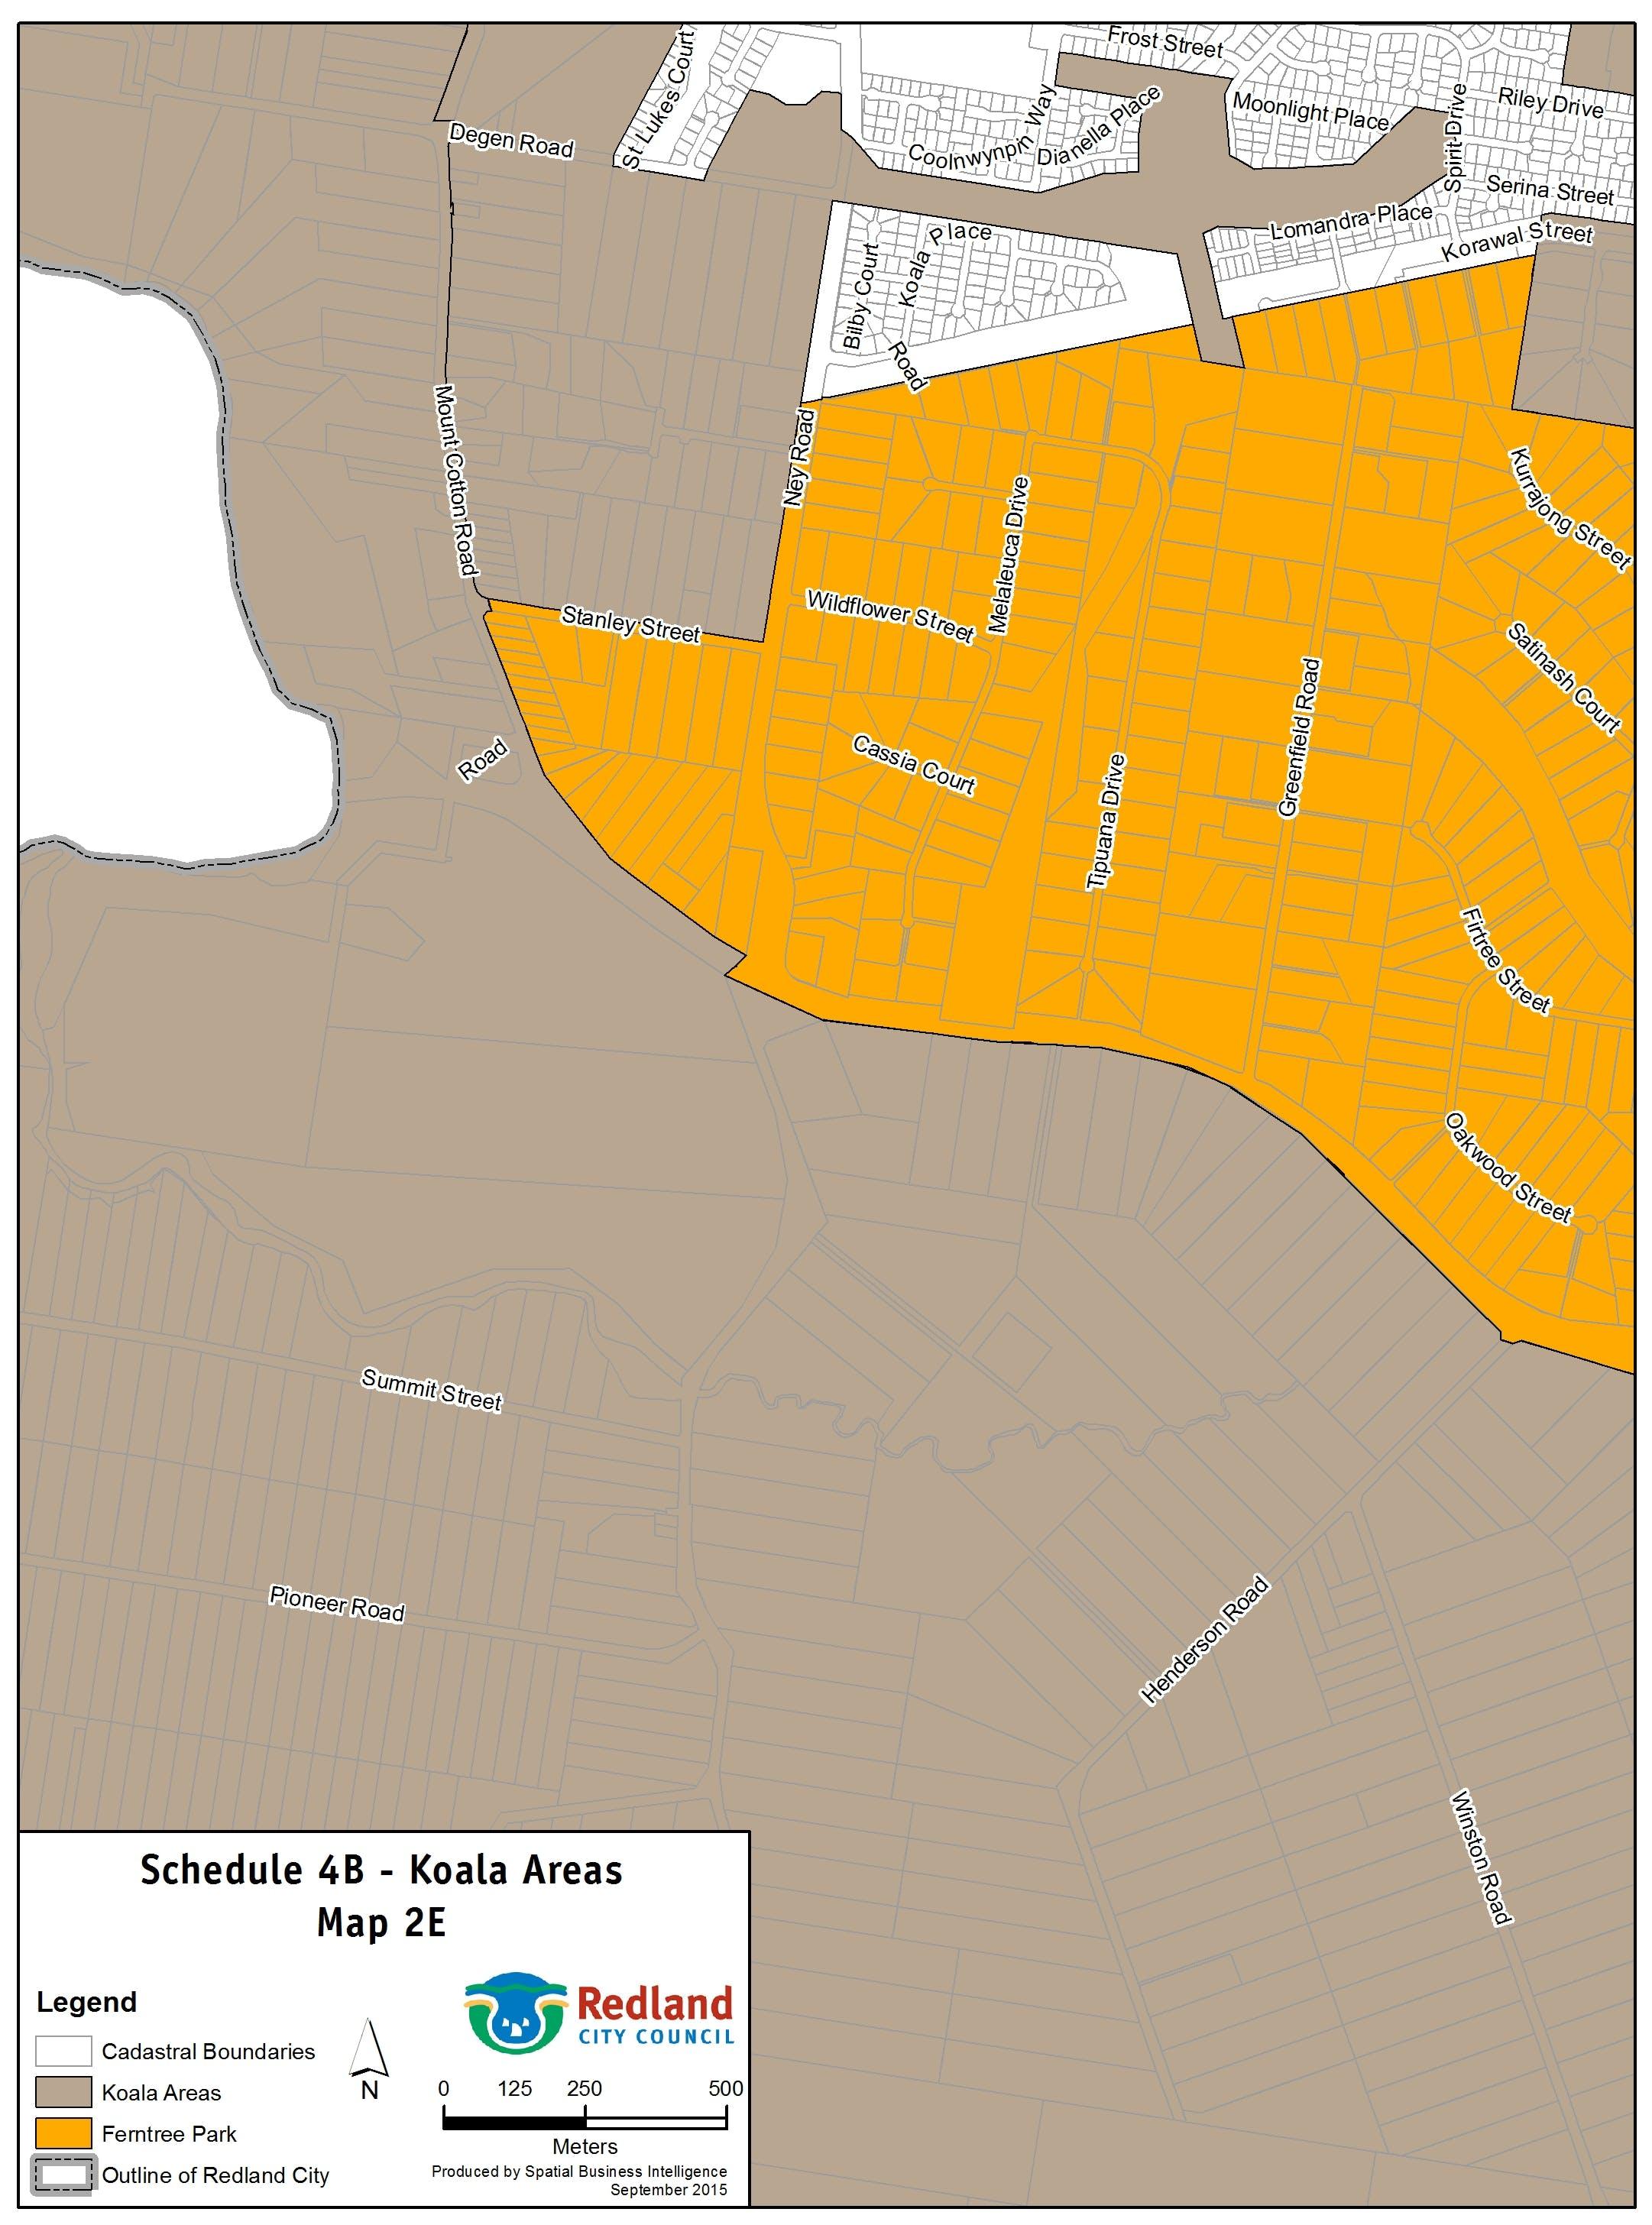 Koala Areas - Map 2E